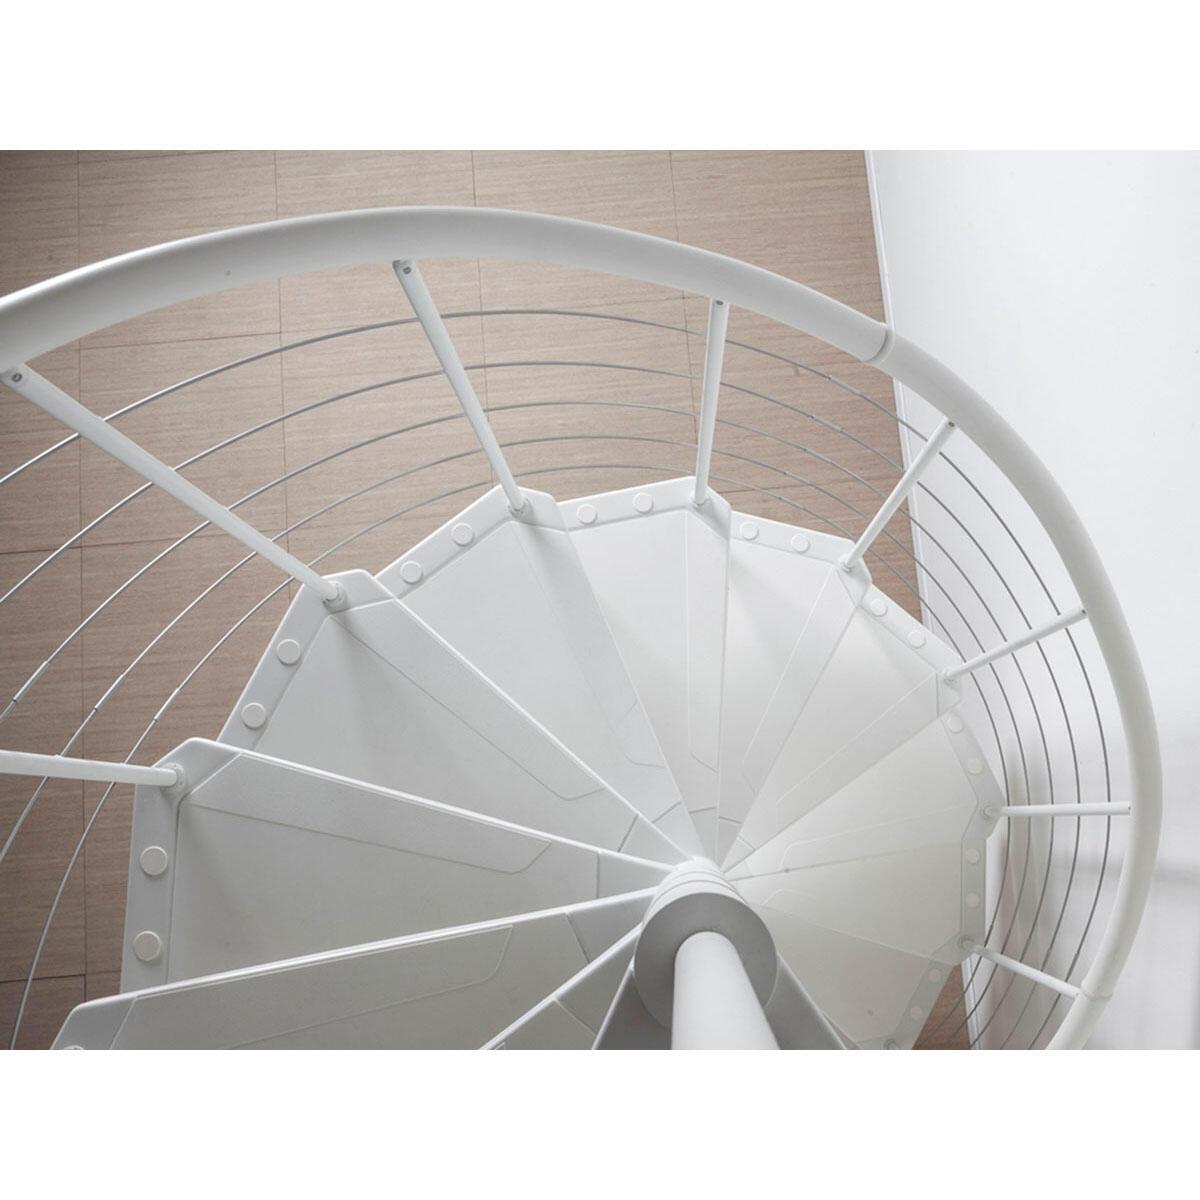 Scala a chiocciola tonda Gexi FONTANOT L 140 cm, gradino bianco, struttura bianco - 3